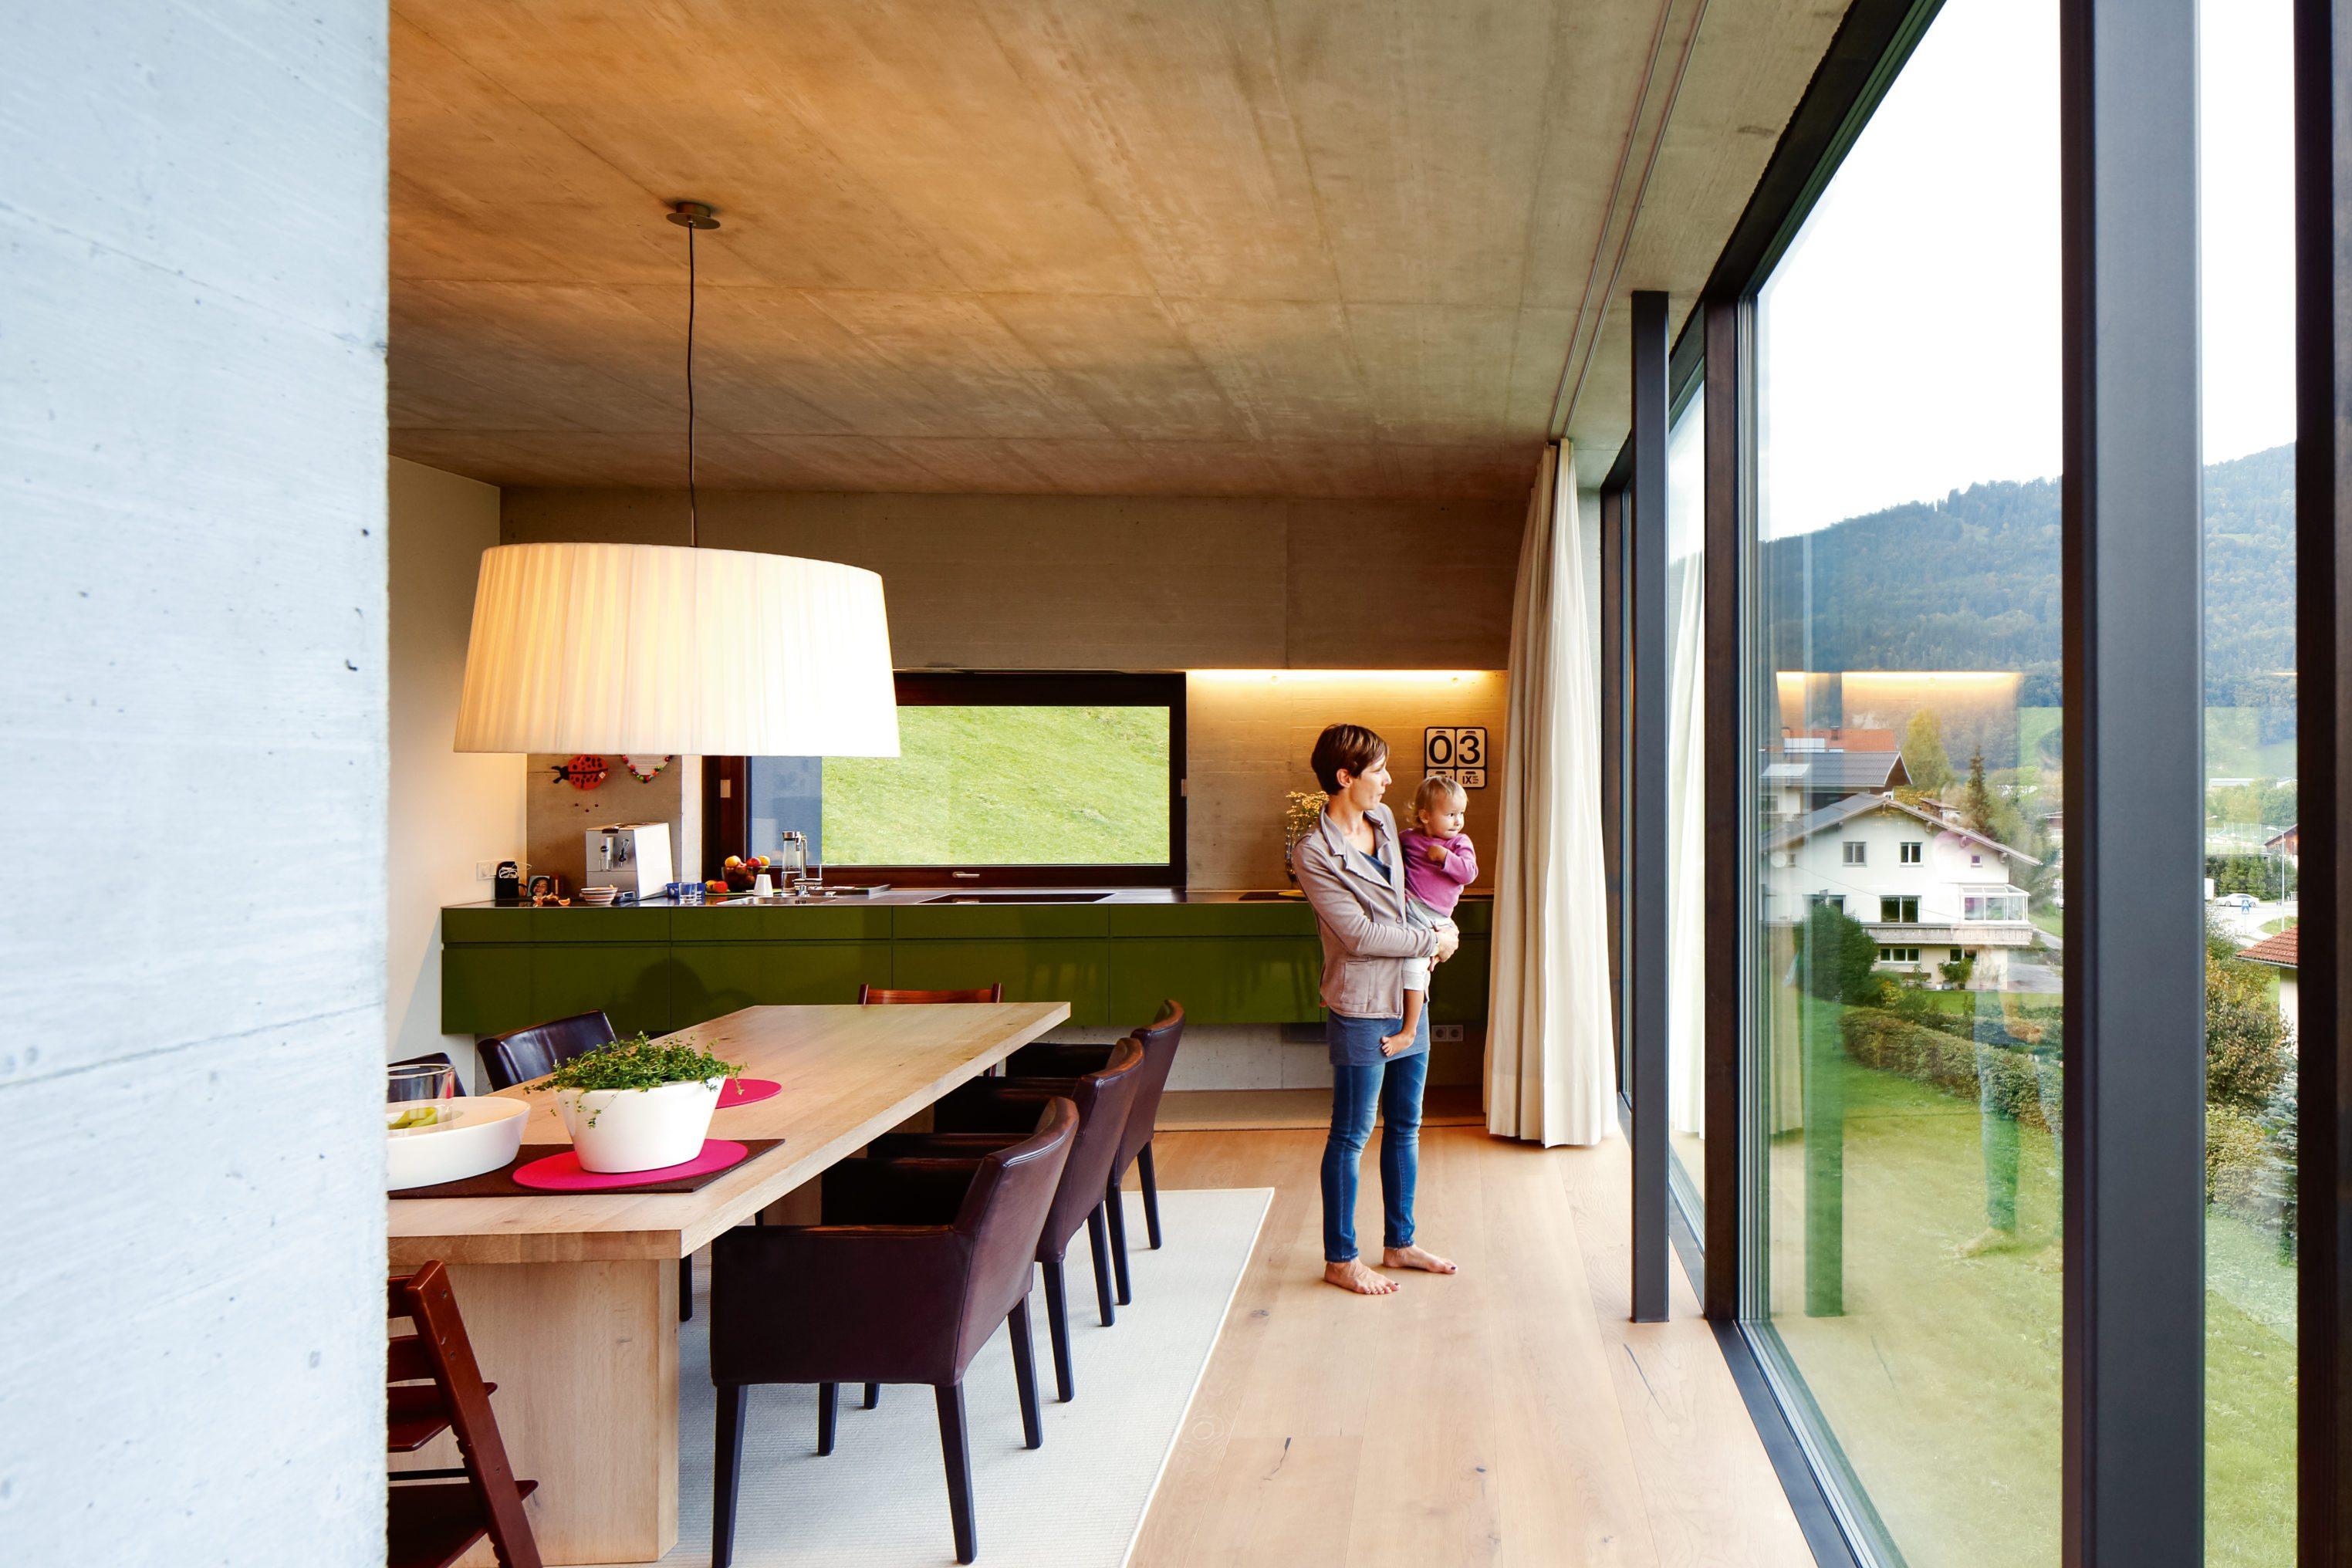 neues haus das reduzierte wohnhaus der familie steurer bau kultur in vorarlberg. Black Bedroom Furniture Sets. Home Design Ideas